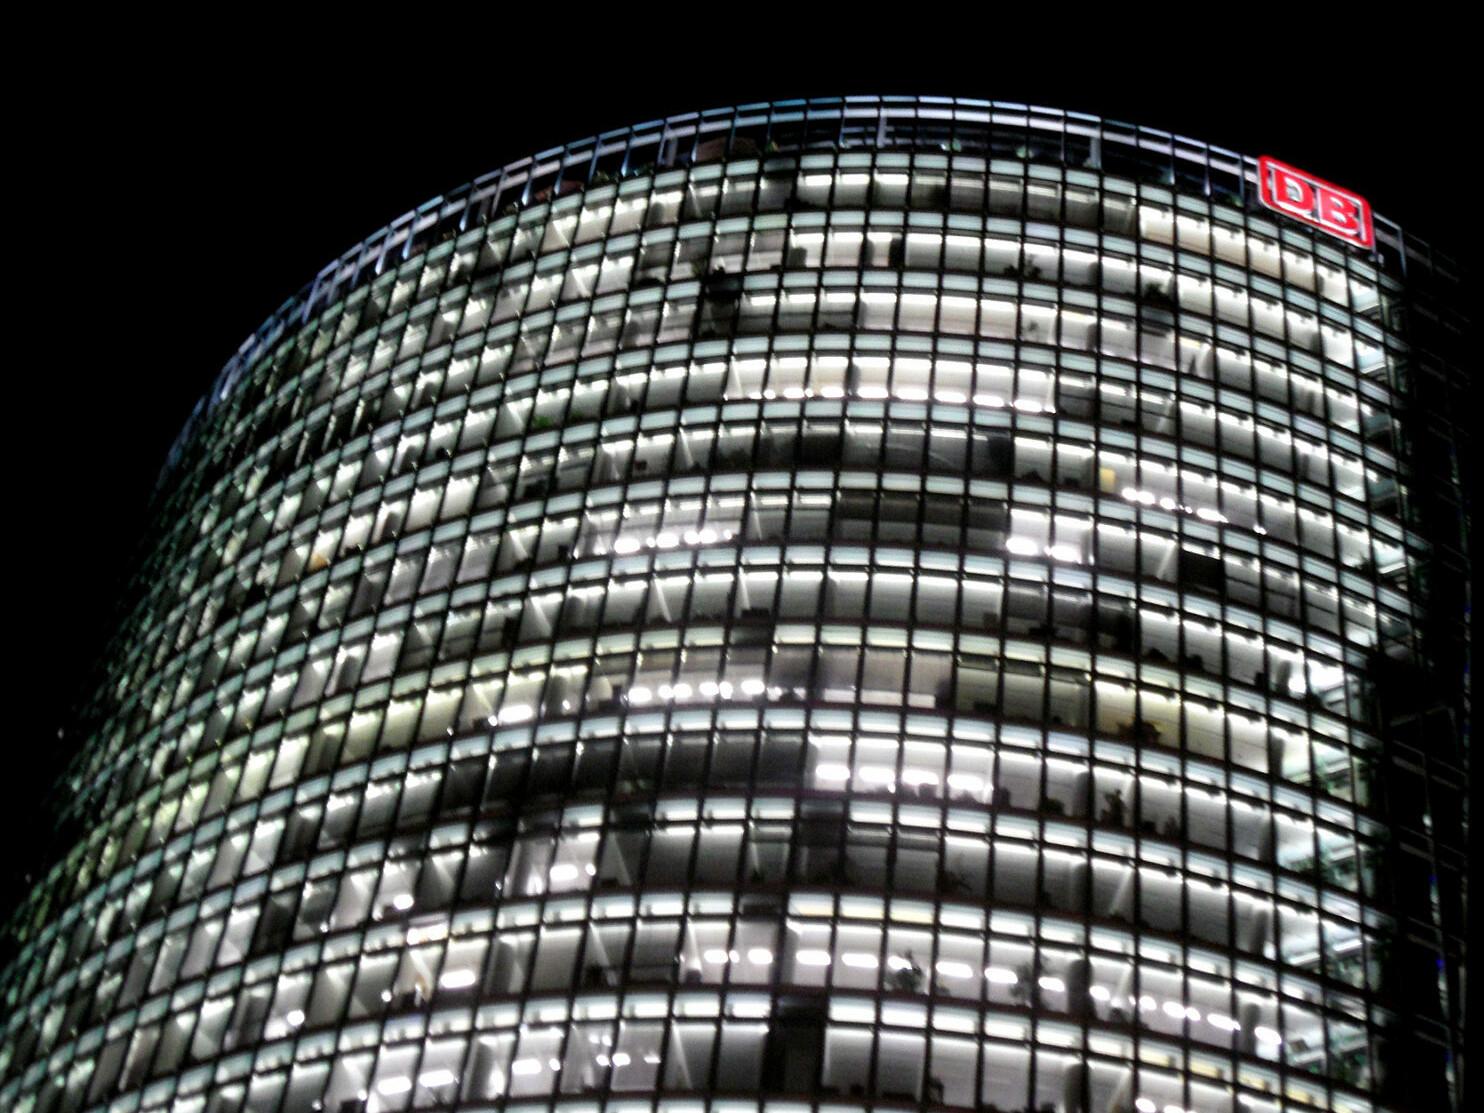 DB bahntower_Berlin_Potsdamer platz_Sonderbauten sind z. B. Hochhäuser Foto_onnola auf Flickr